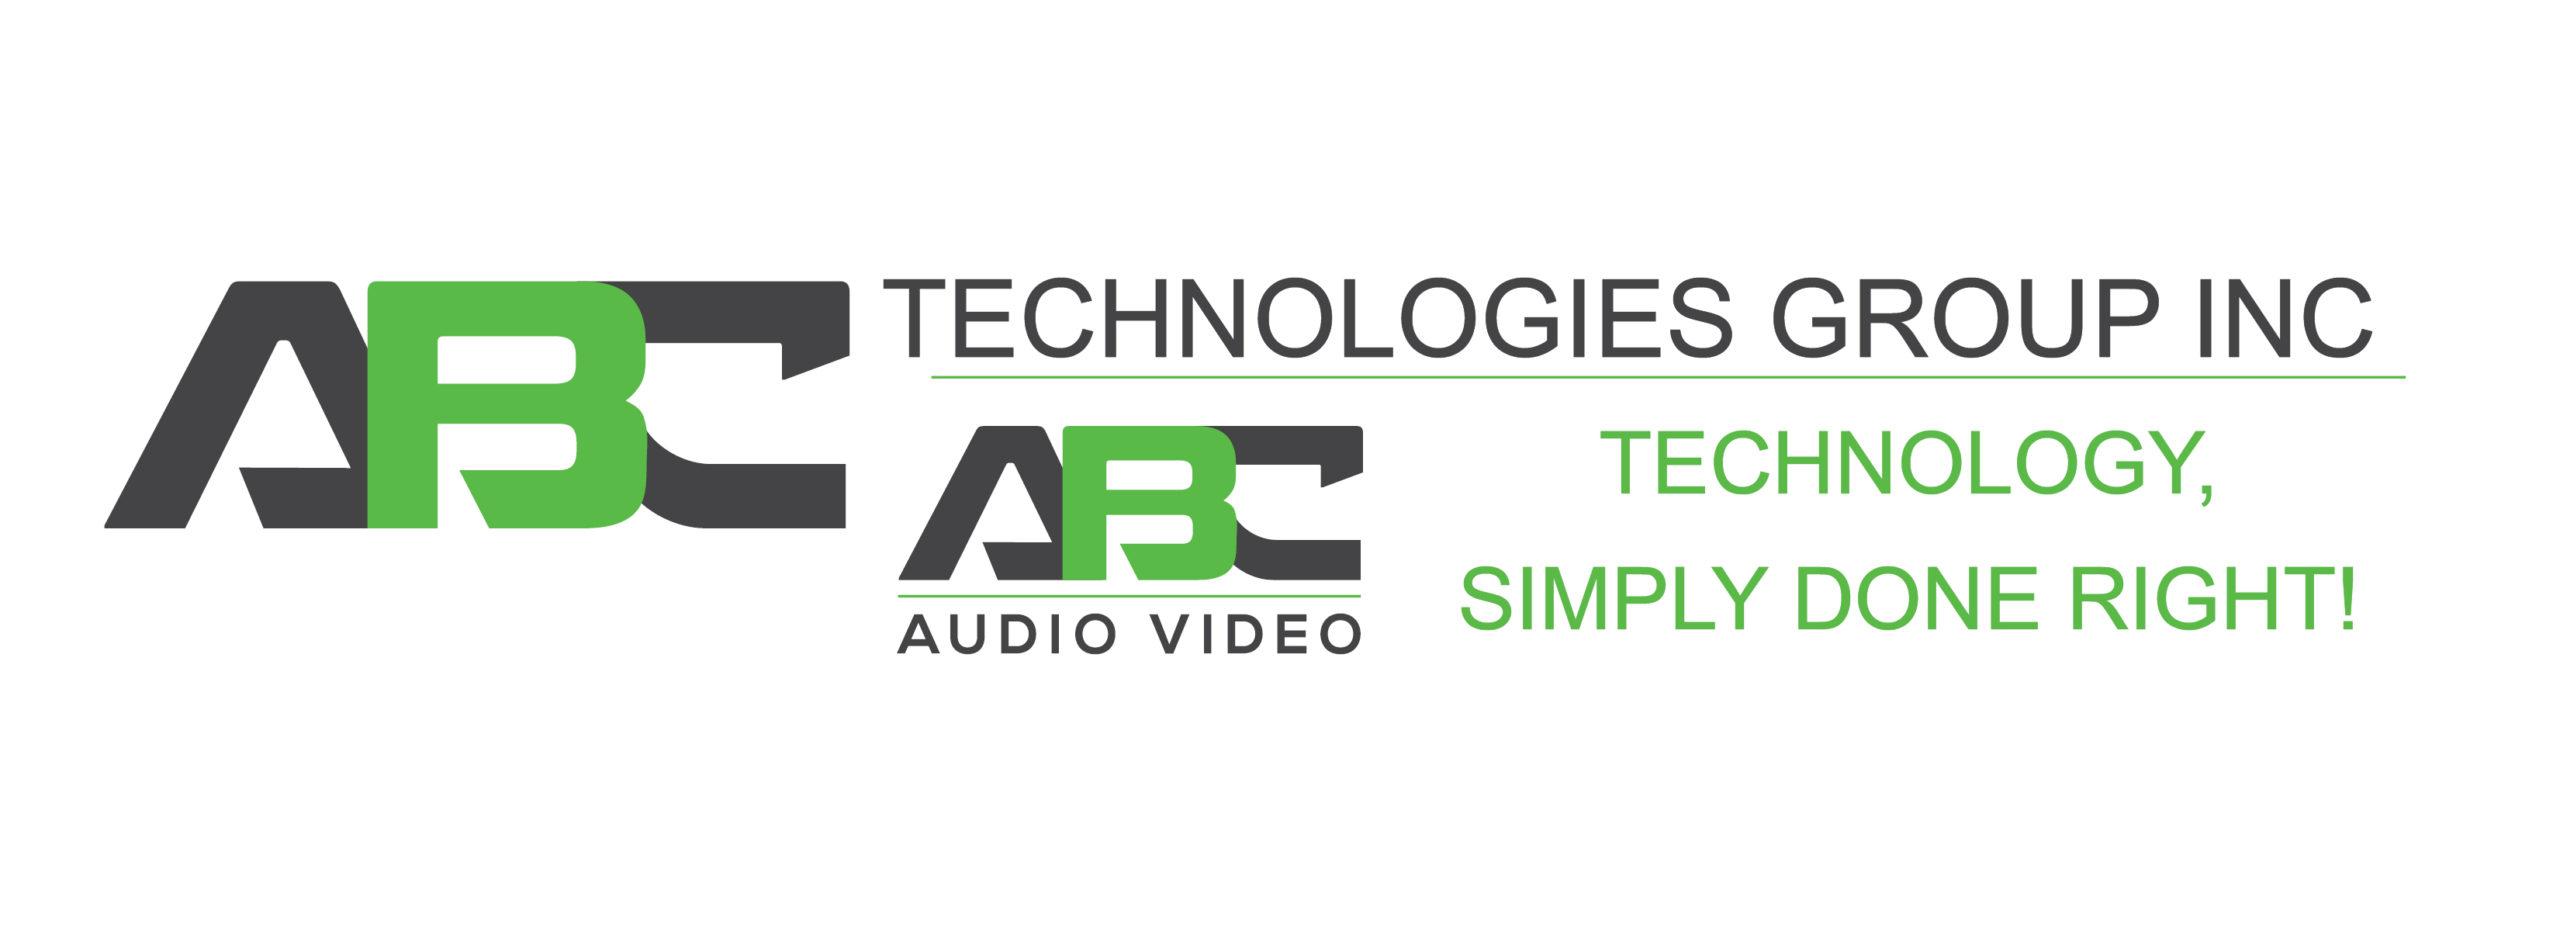 ABC Audio Video